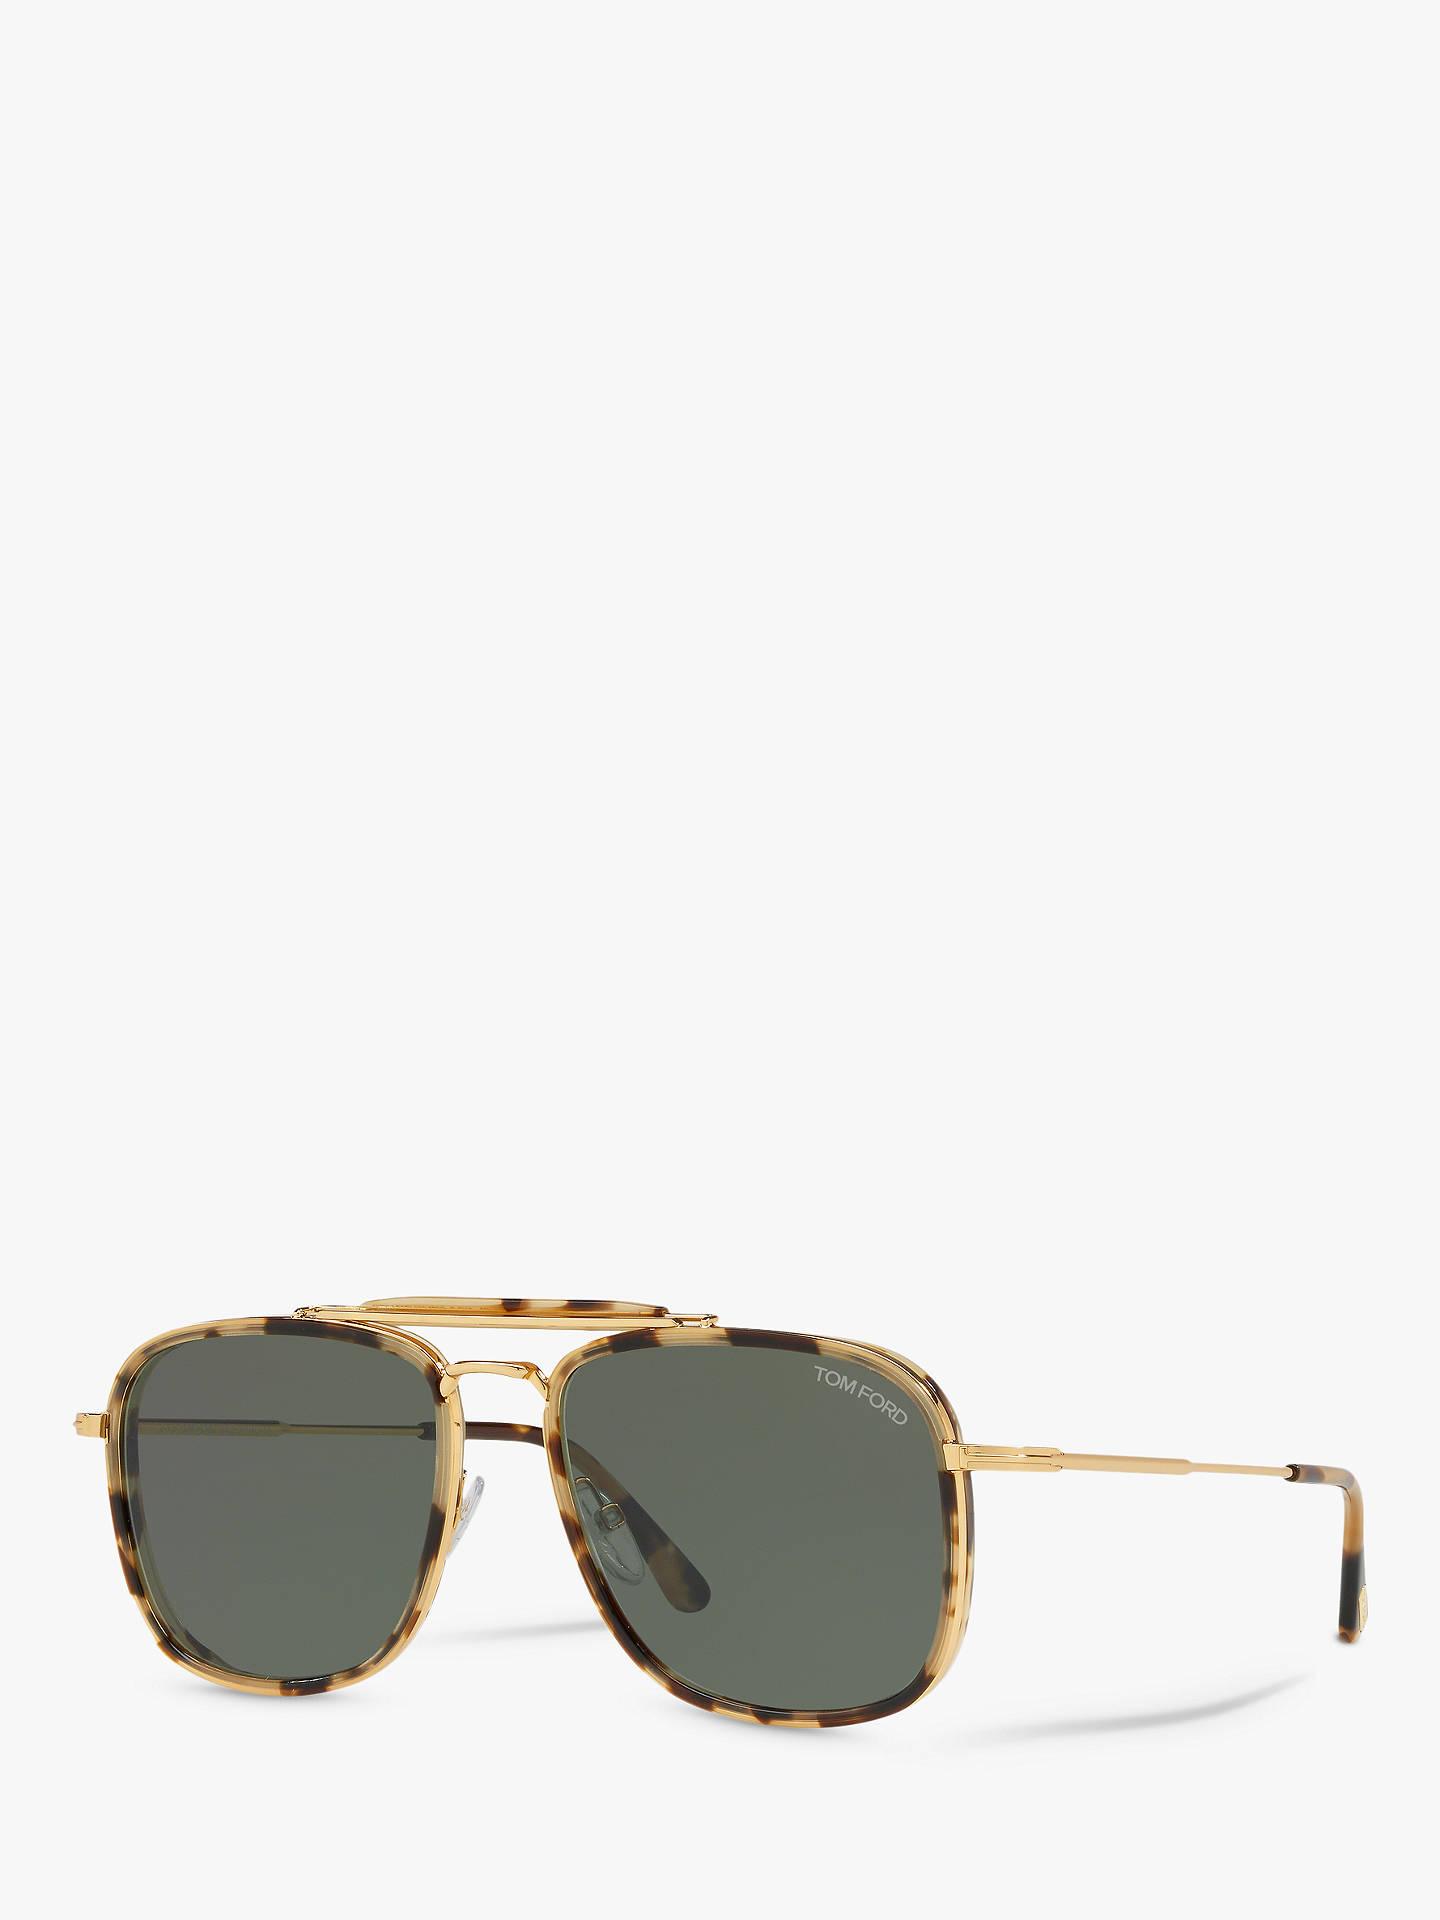 860d54cb81 Buy TOM FORD FT0665 Men s Huck Irregular Sunglasses